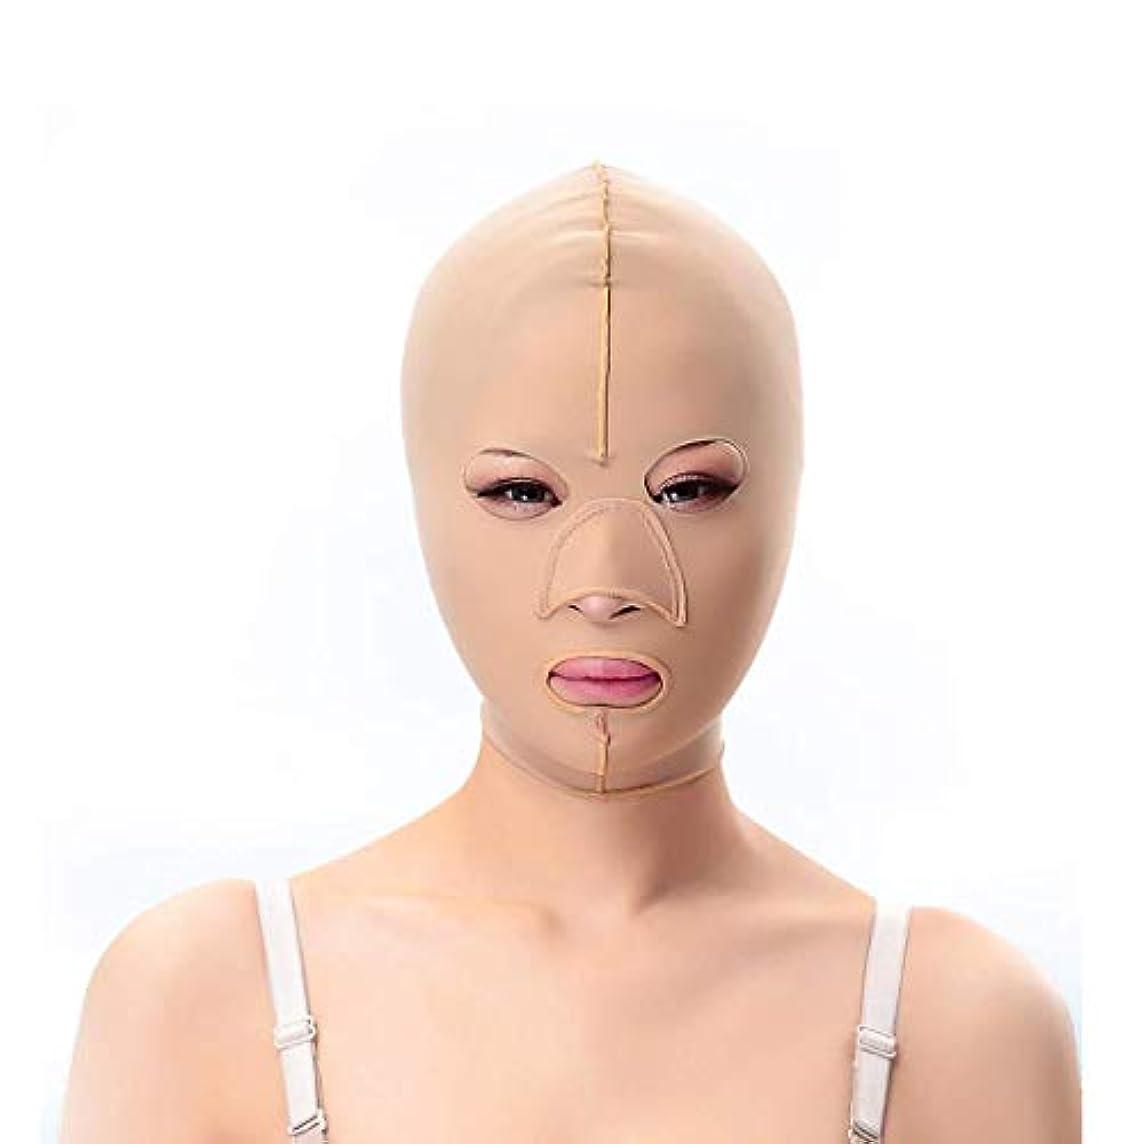 分布台風聞きますスリミングベルト、フェイシャルマスク薄いフェイスマスク布布パターンリフティングダブルあご引き締めフェイシャルプラスチック顔アーティファクト強力な顔包帯(サイズ:S)